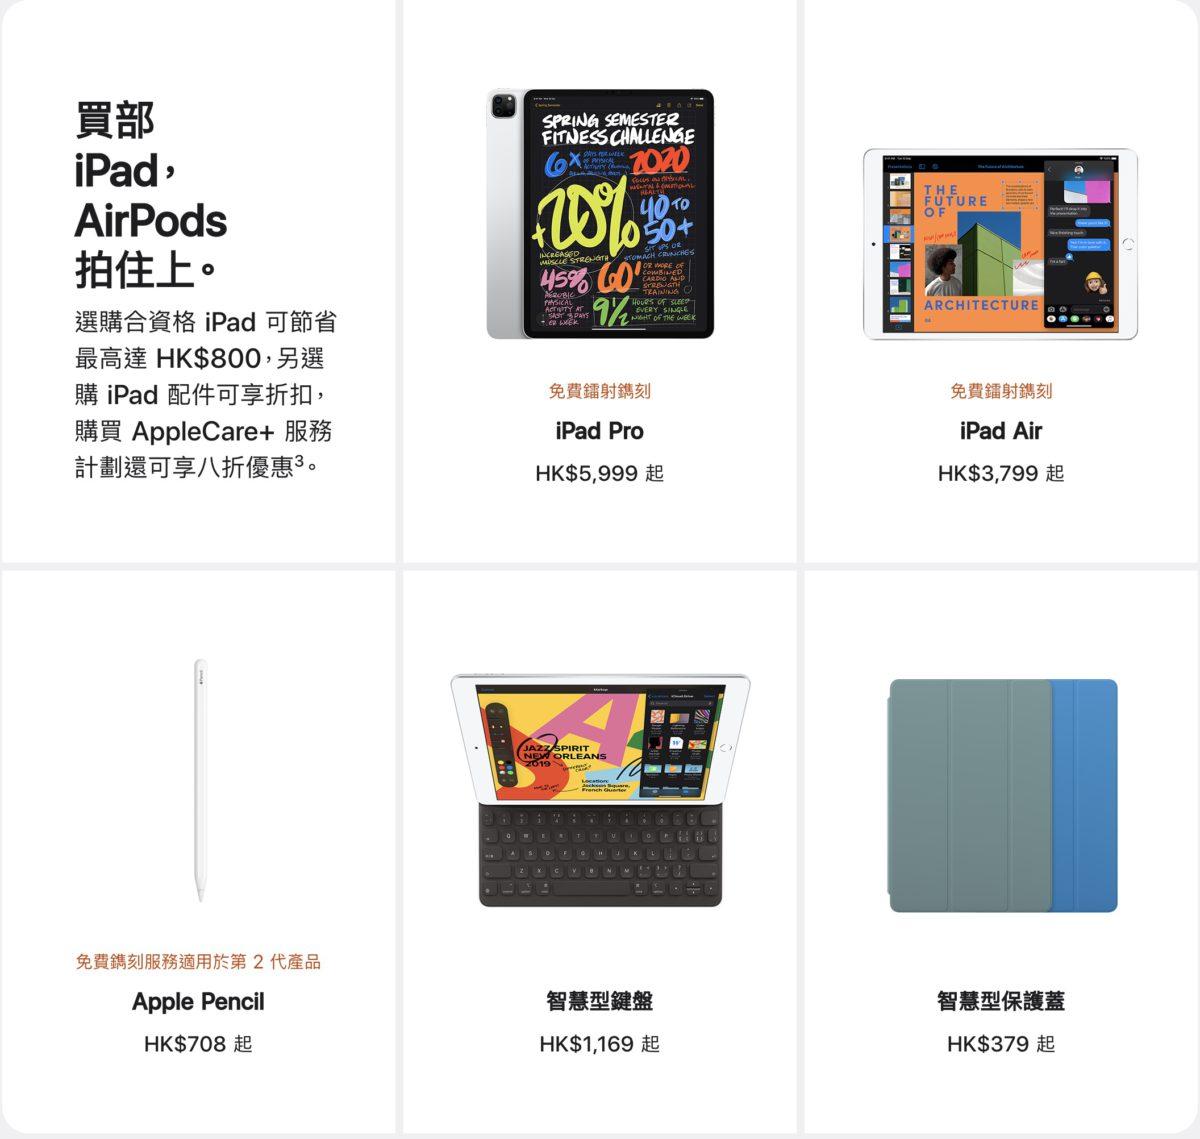 iPad 的優惠就最多有 $800 ,不過入門版的折扣一般都很低,甚至沒有。